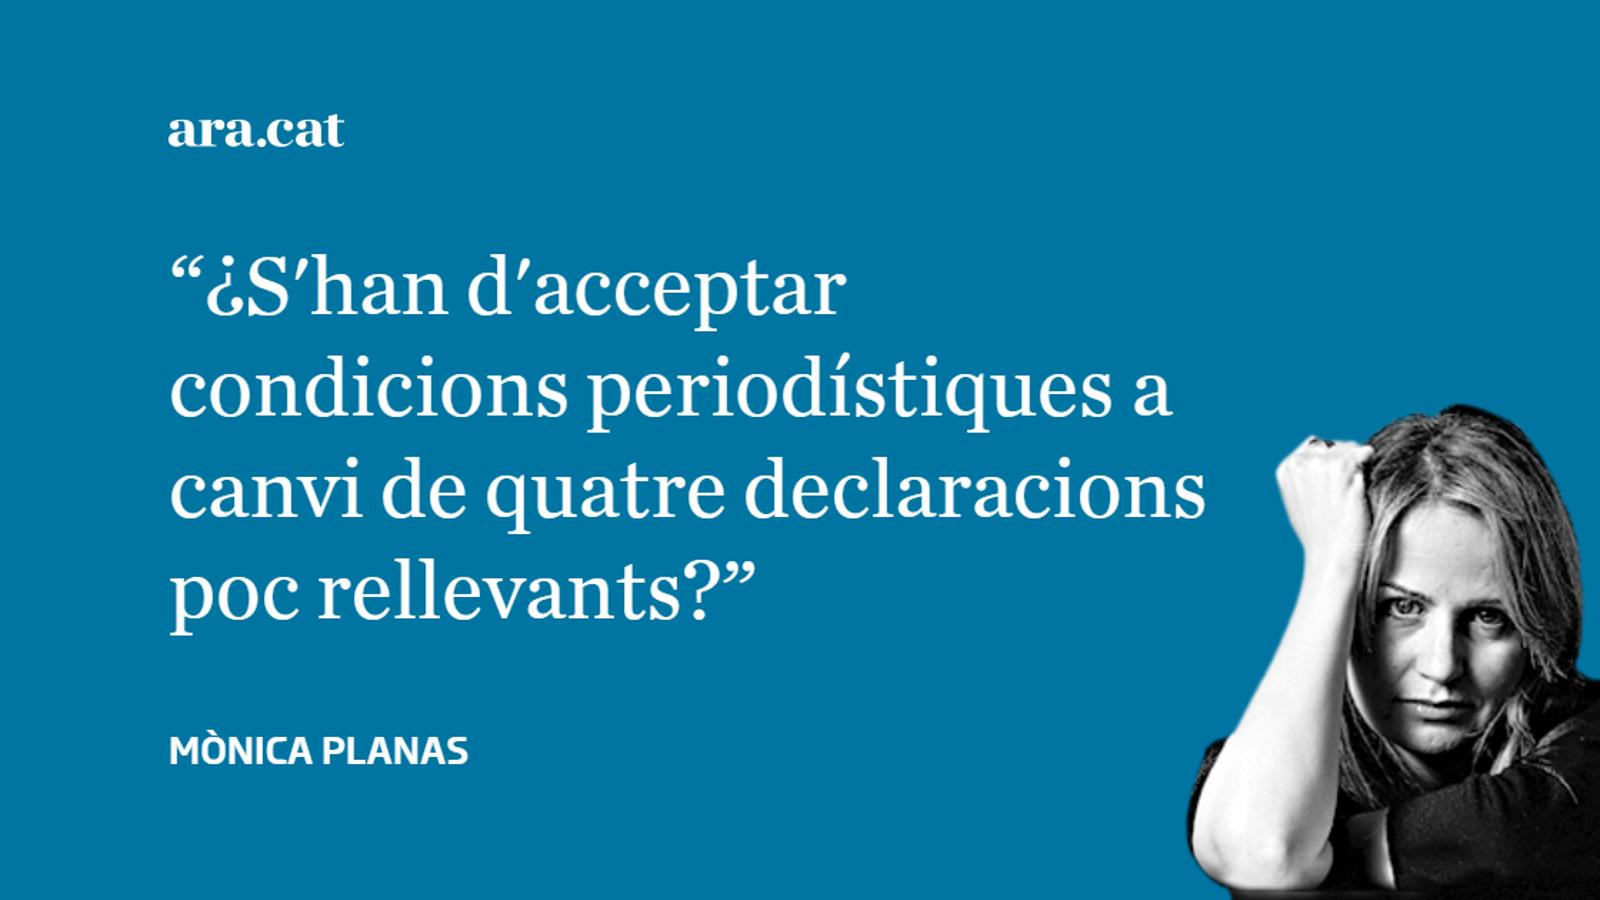 Puigdemont posa condicions a TV3